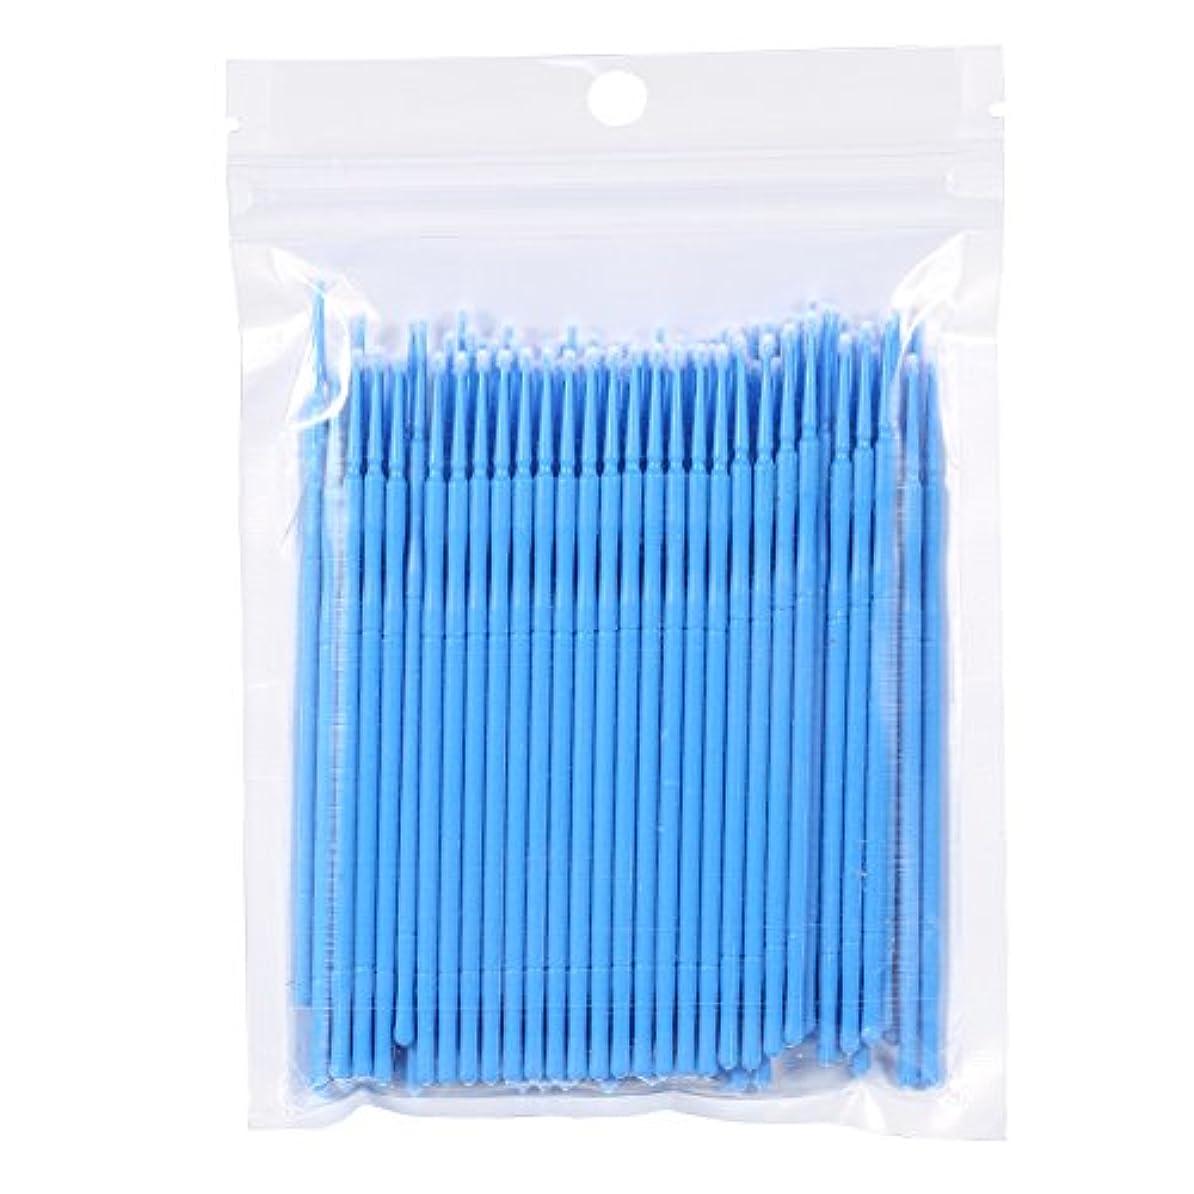 インレイ後時々100PCS 使い捨て可能なまつげブラシ、まつ毛ブラシ 便利(蓝色)